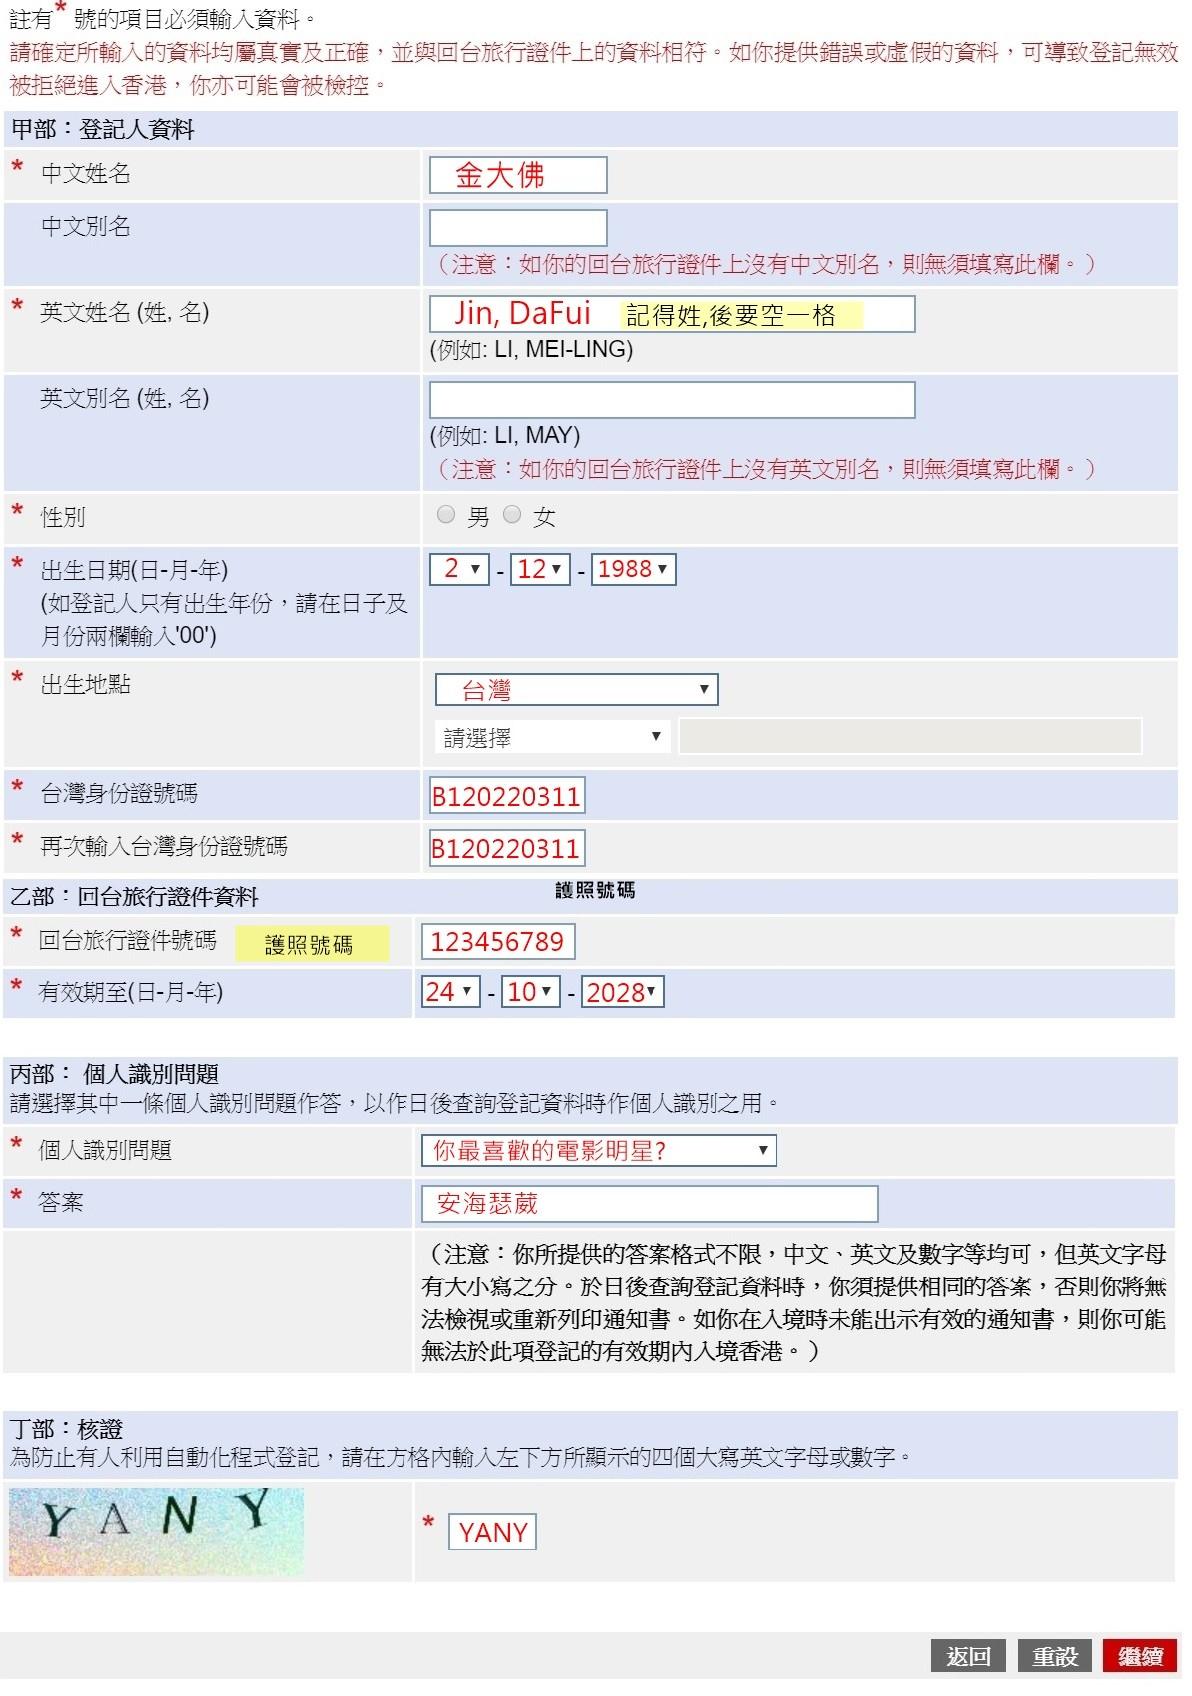 香港簽證費用